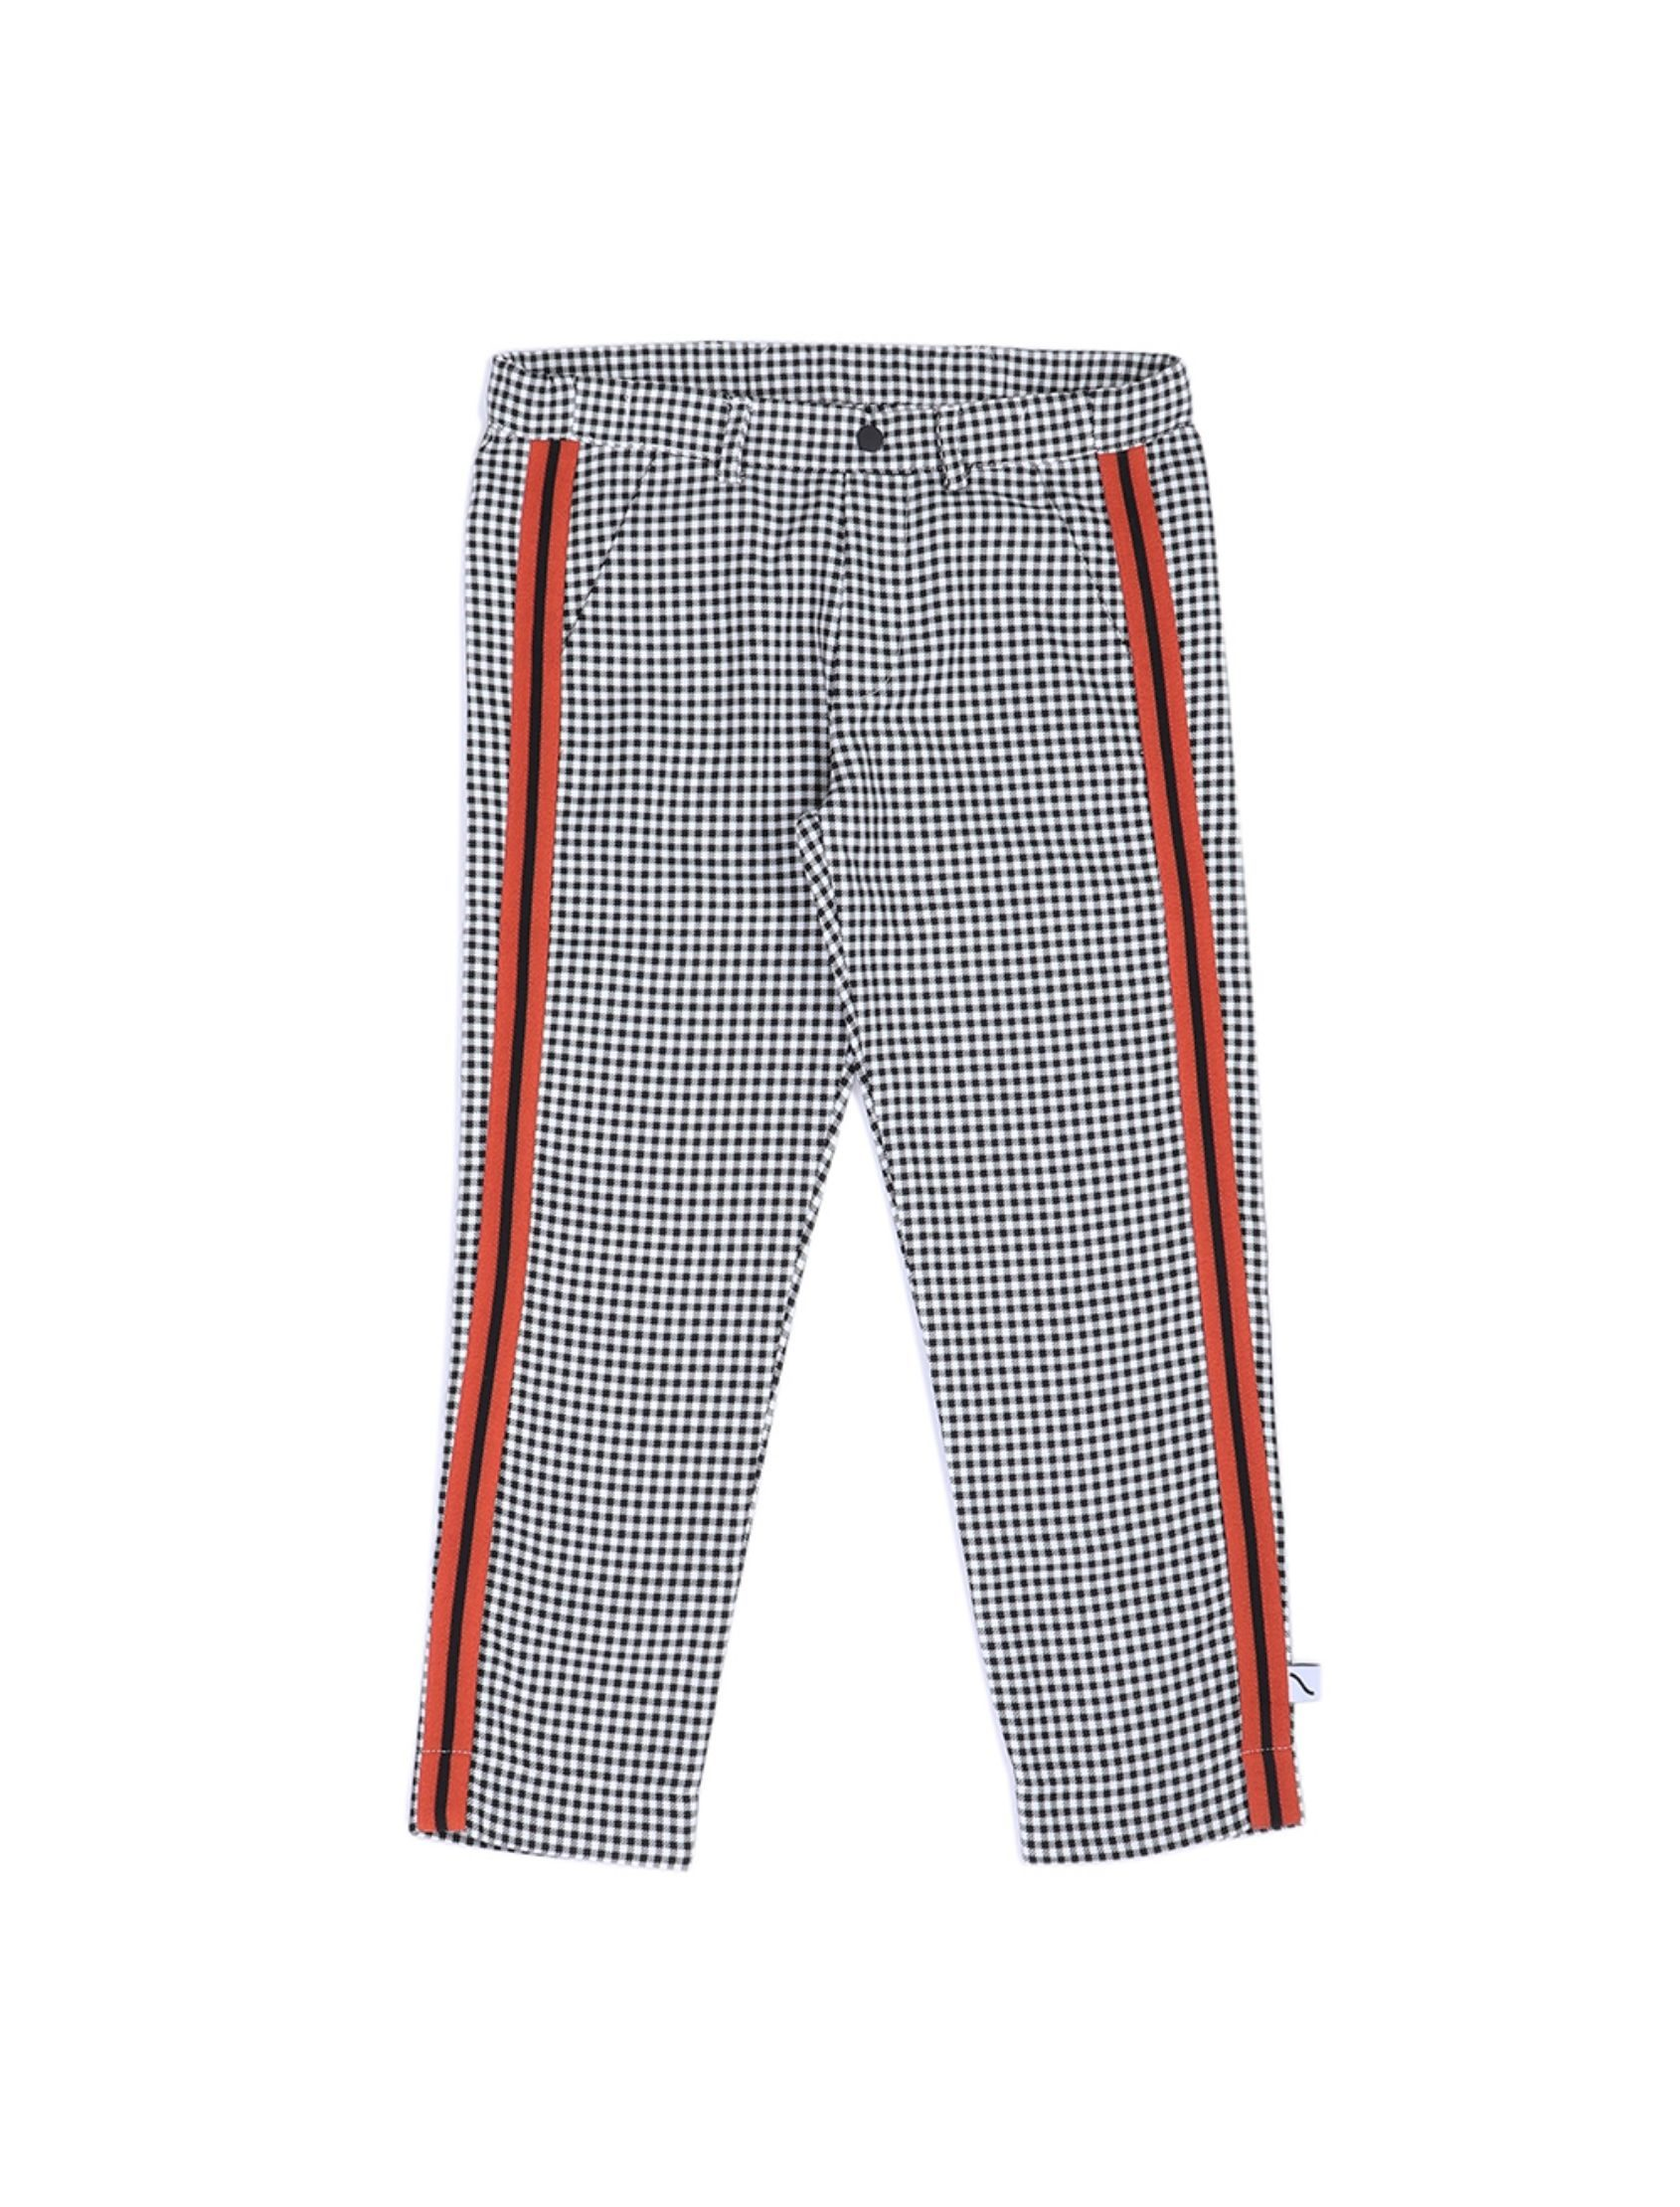 pantalón chino de cuadritos en blanco y negro con franja lateral en naranja de carlijqn